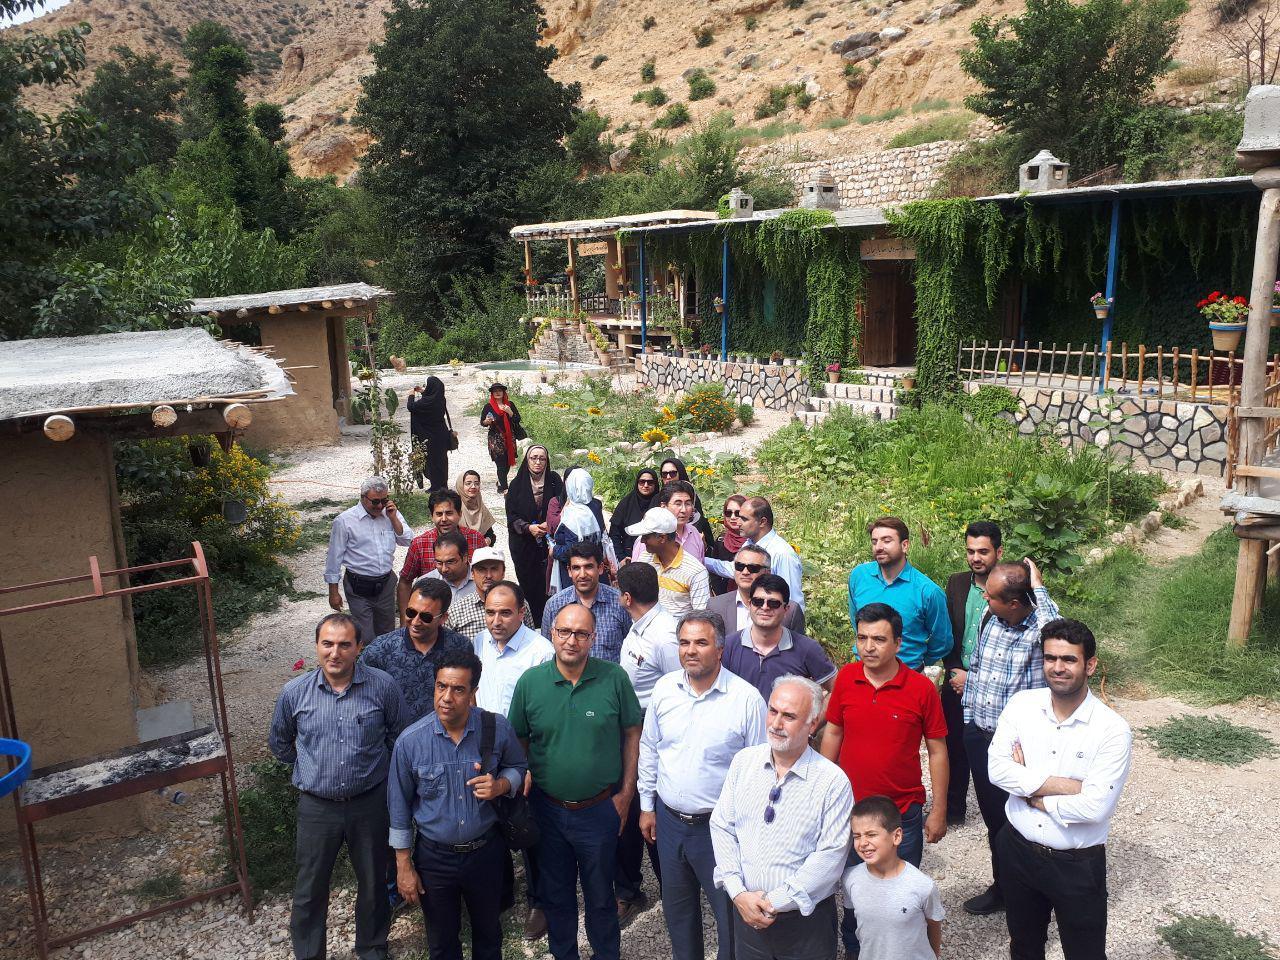 تصاویری از استقبال مسافران و گردشگران از اقامتگاه های بومگردی استان گلستان